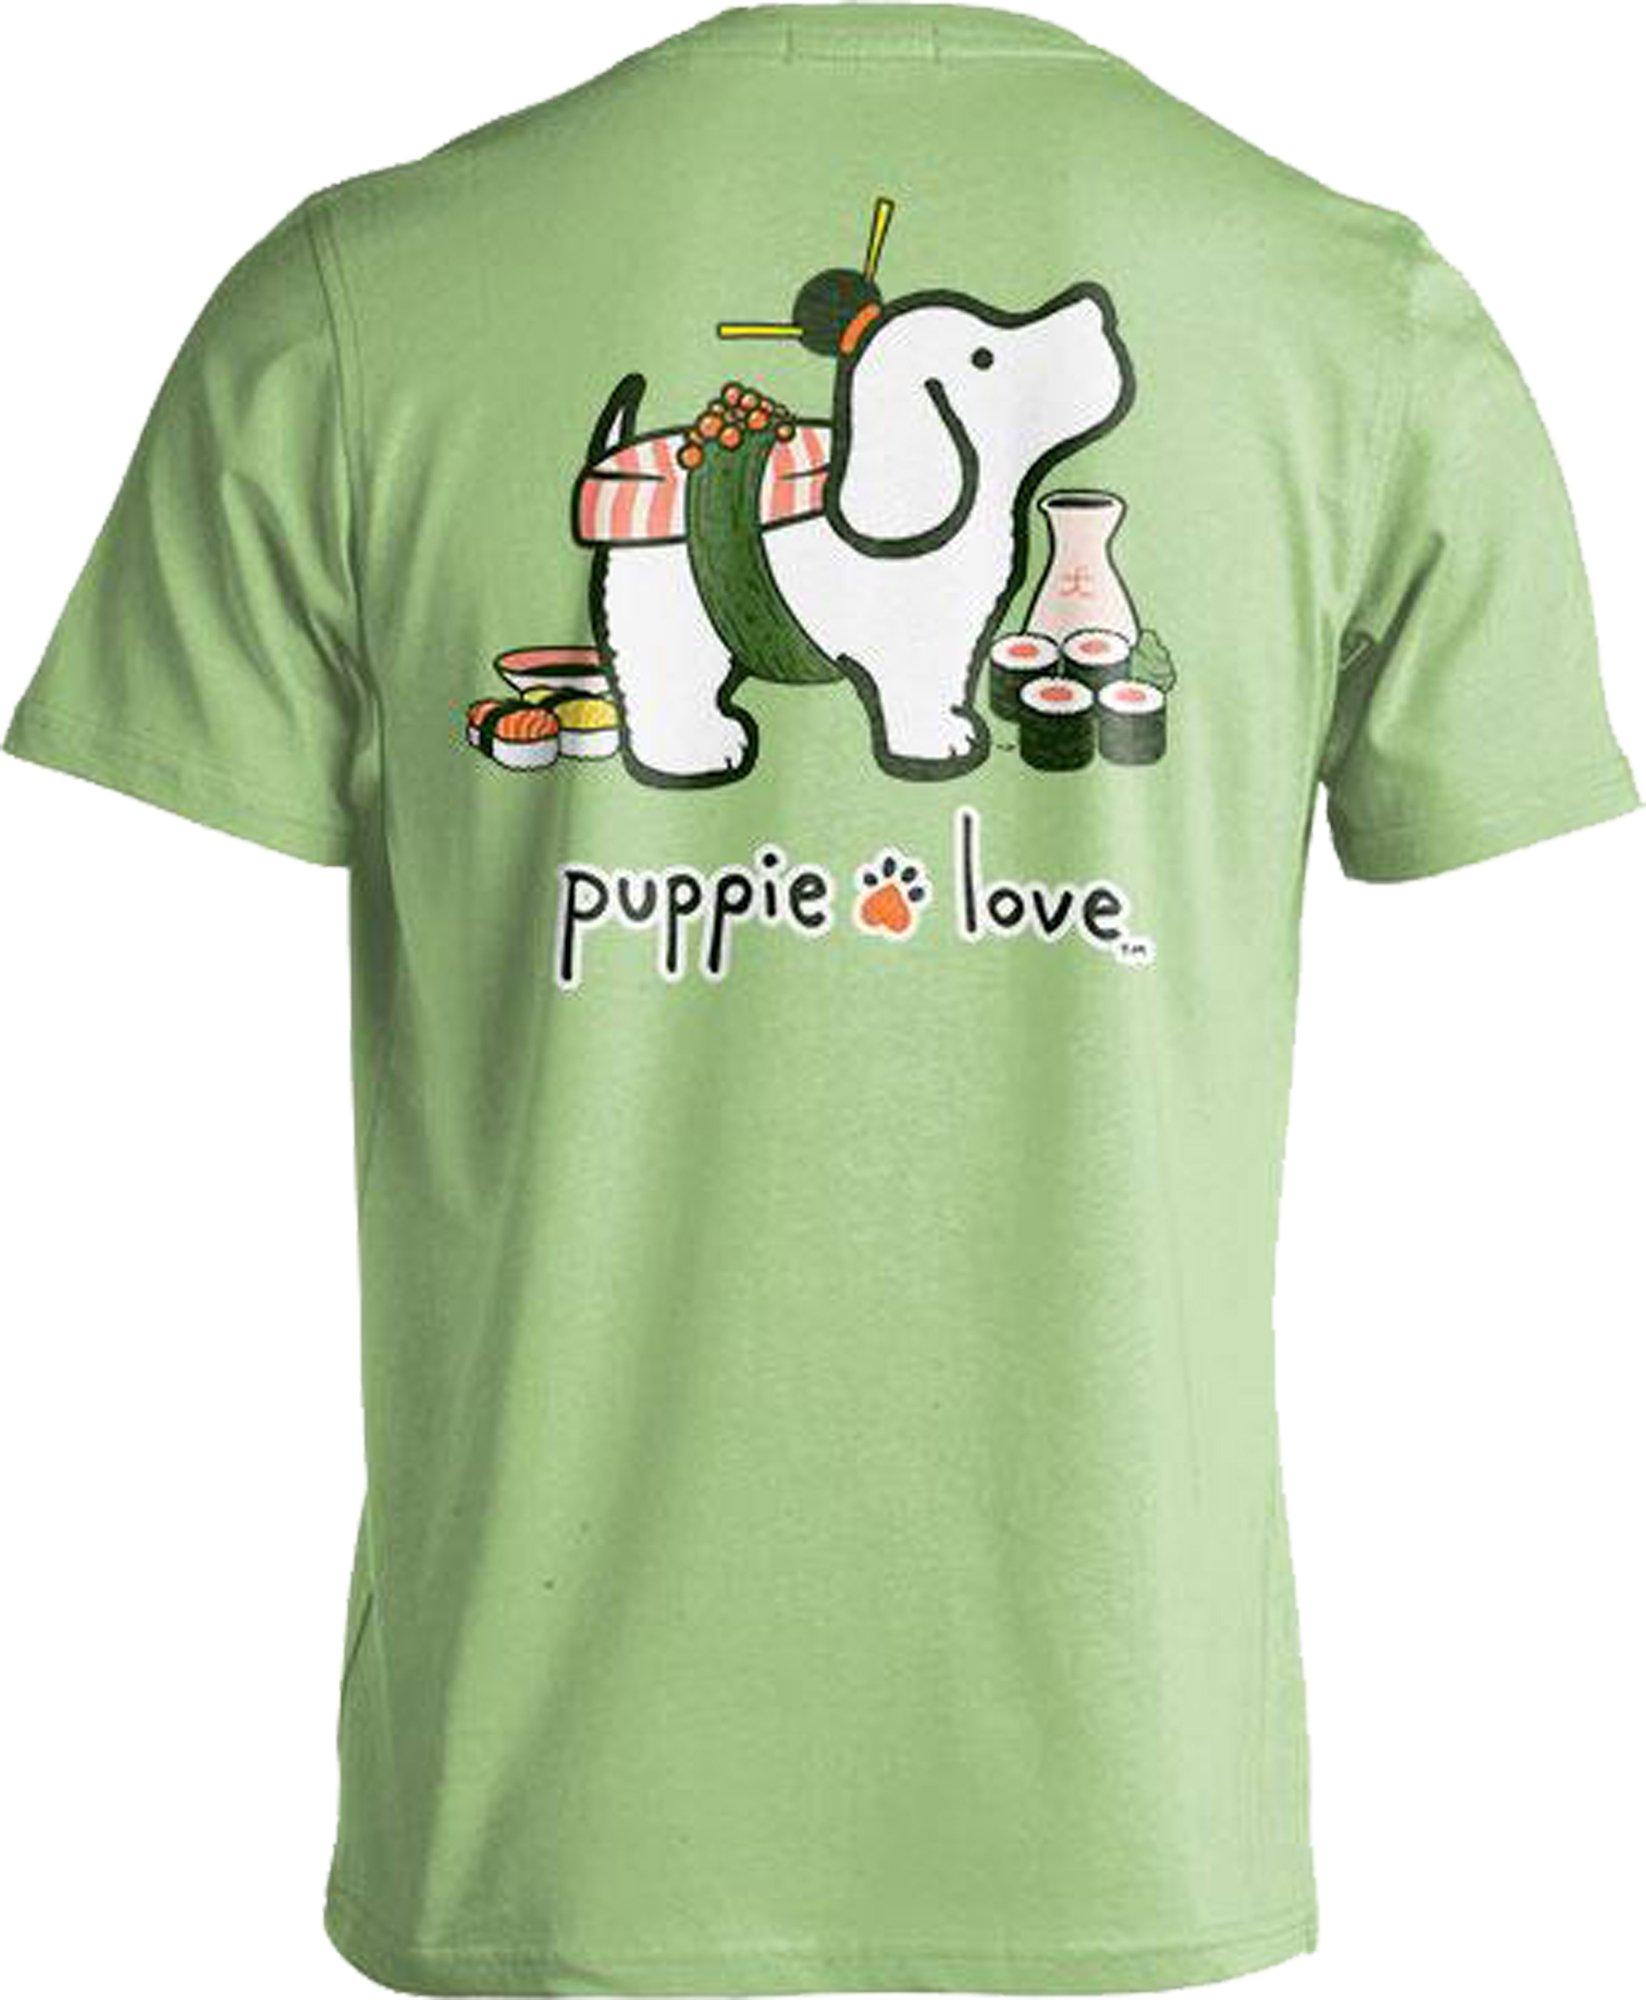 Rescue Dog Adult Unisex Short Sleeve Cotton T-Shirt, Sushi Pup (Medium, Pistachio)